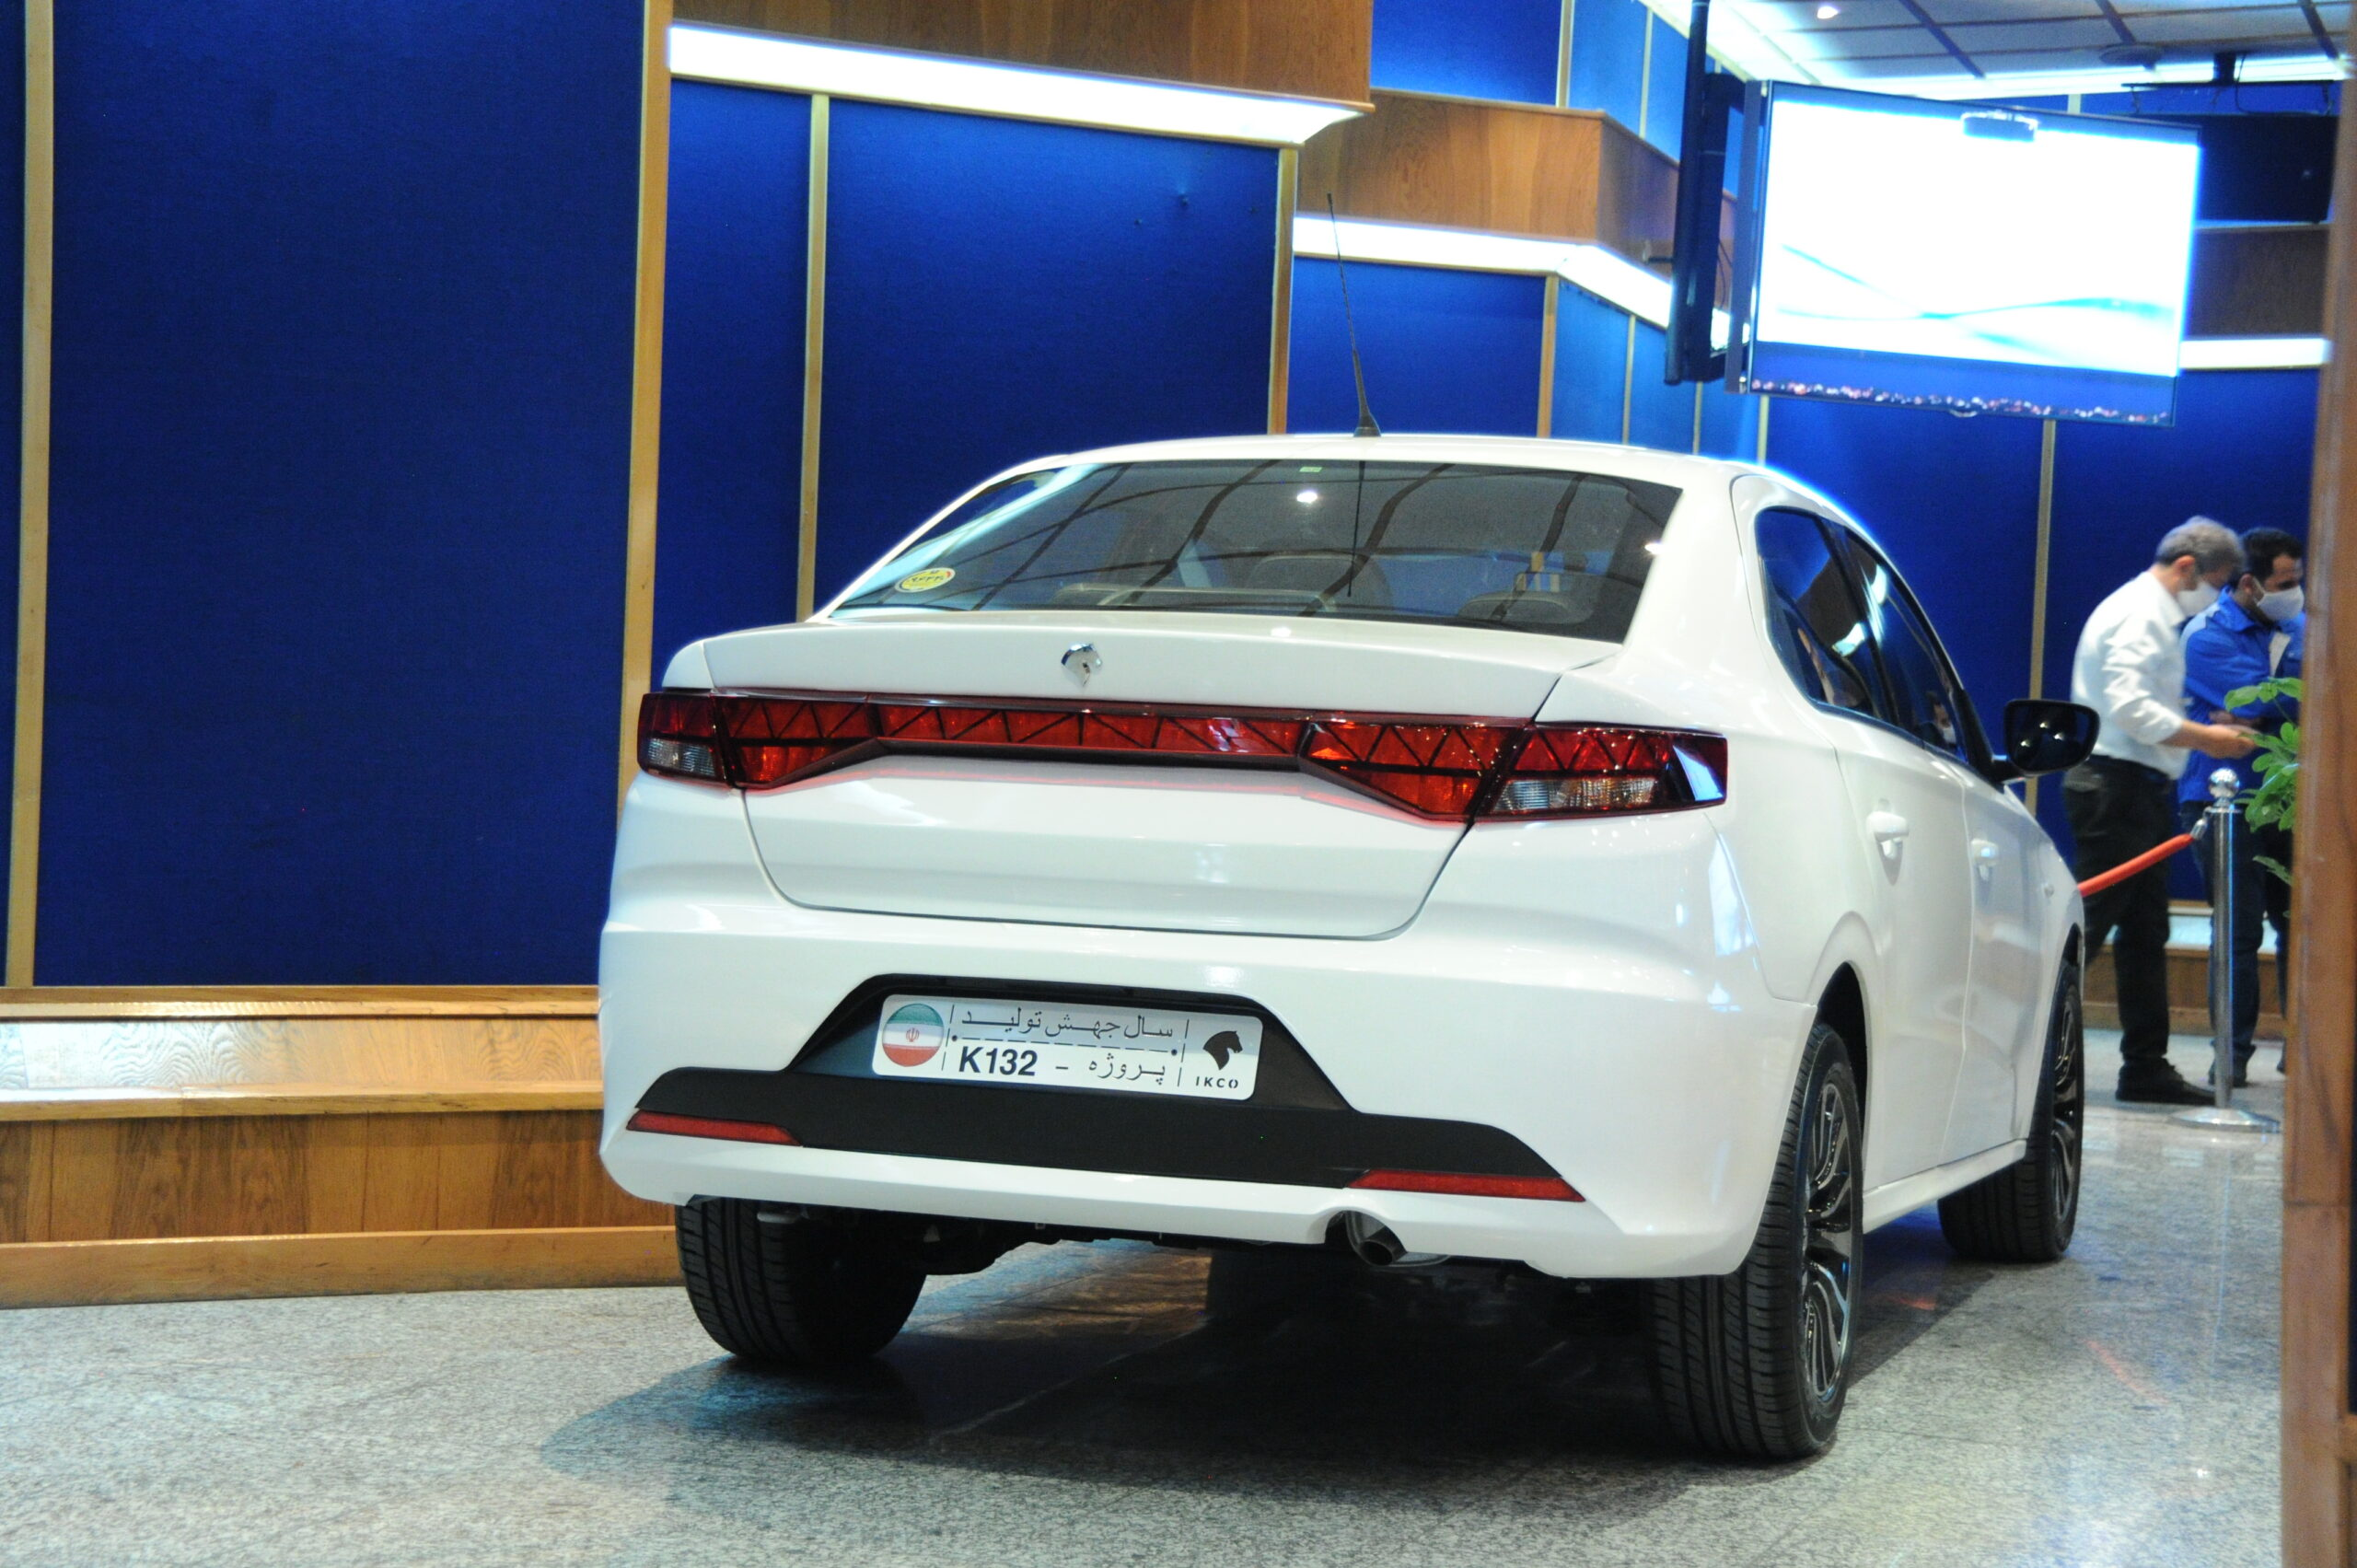 ببینید/امضای میثاق نامه گروه صنعتی ایران خودرو با قطعه سازان